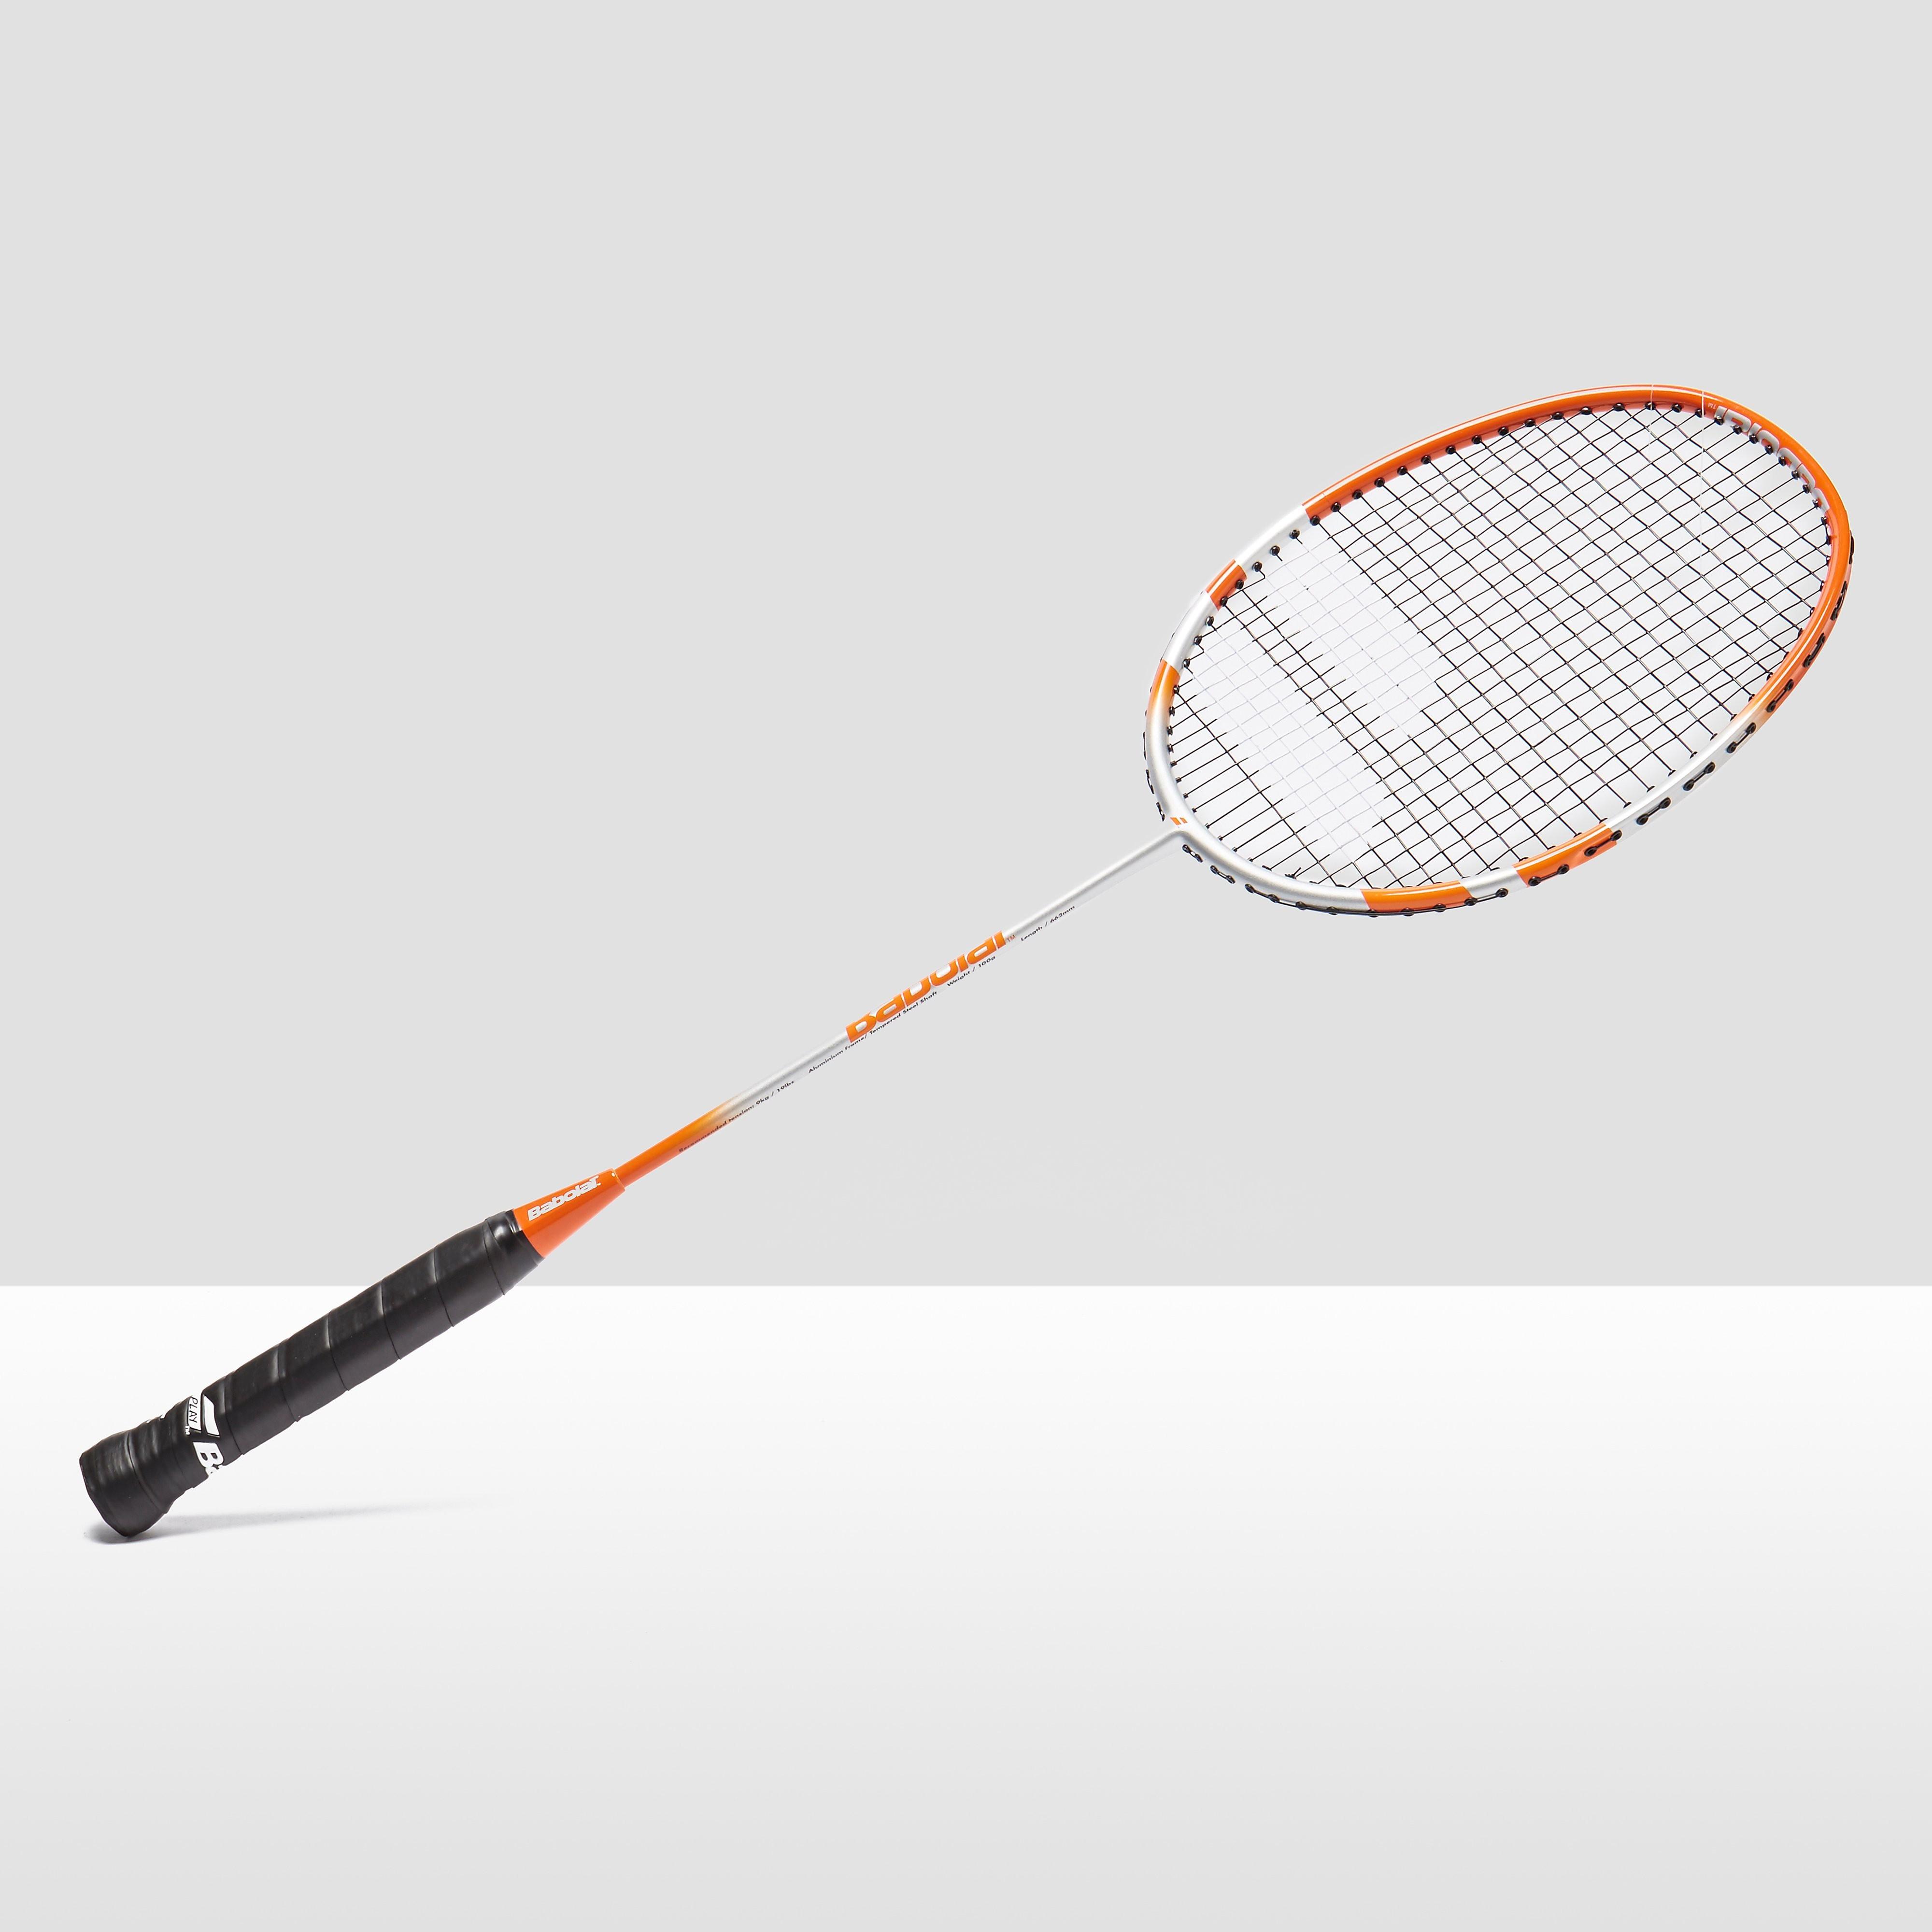 Babolat Explorer II Badminton Racket